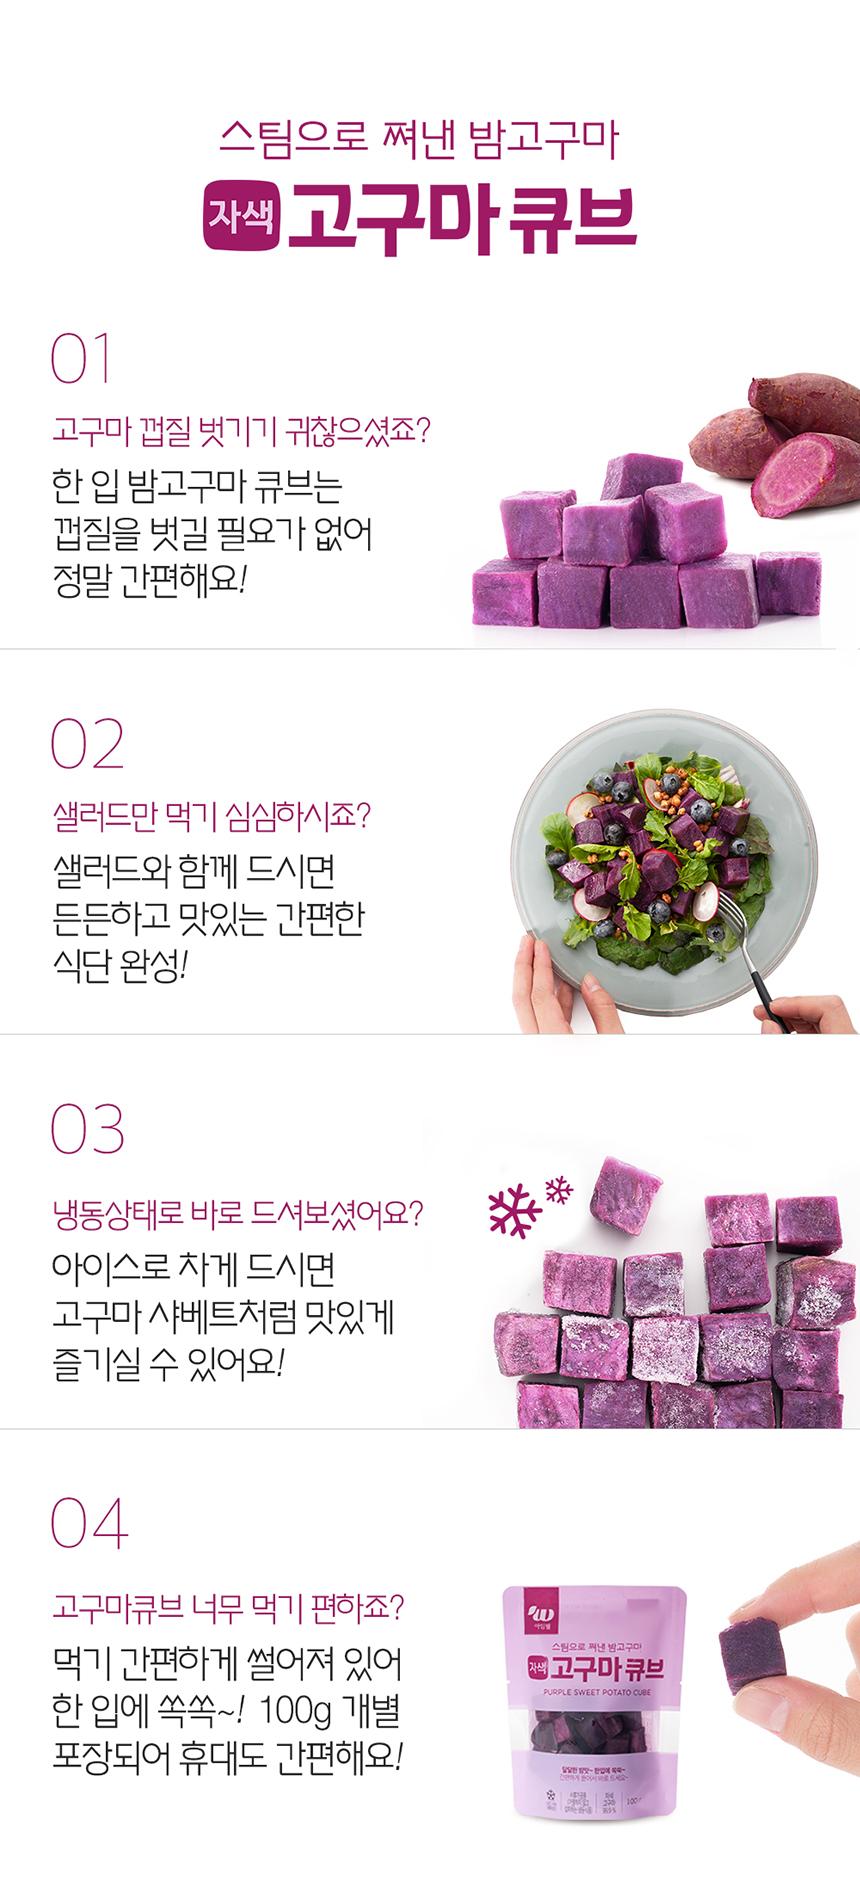 05_03_01_brand_point_steam_purplepotato.jpg